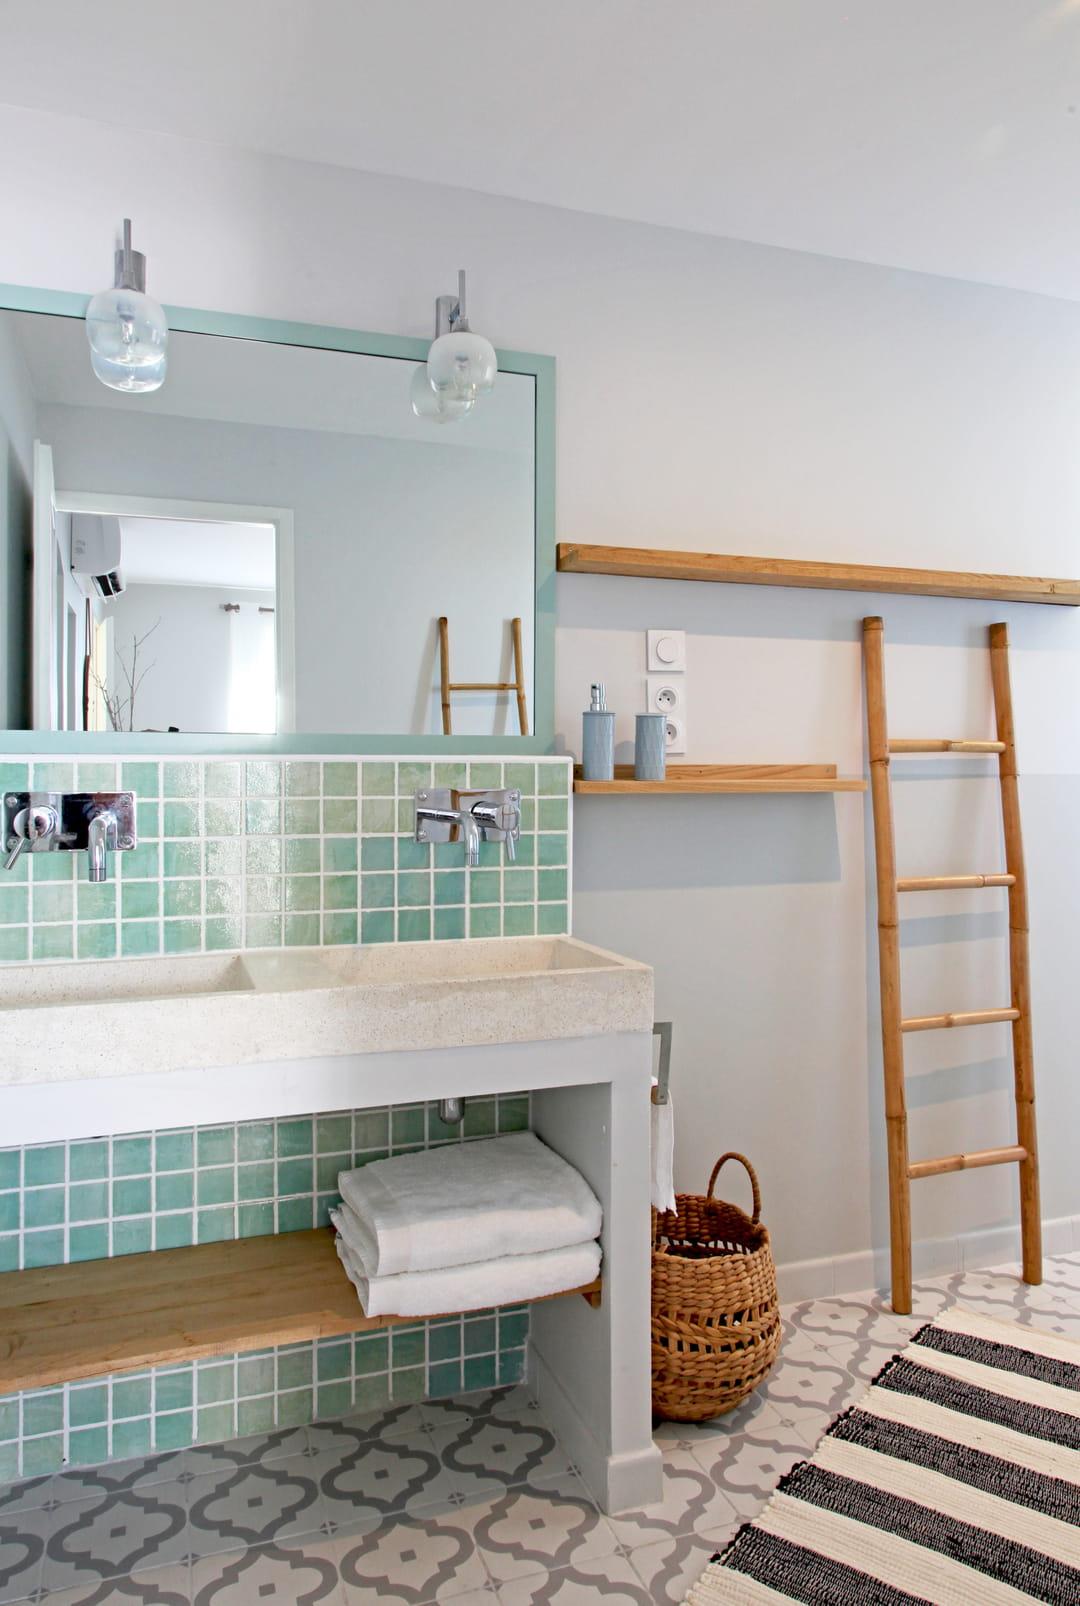 Salle De Bain Chocolat Turquoise comment créer une salle de bains zen ?